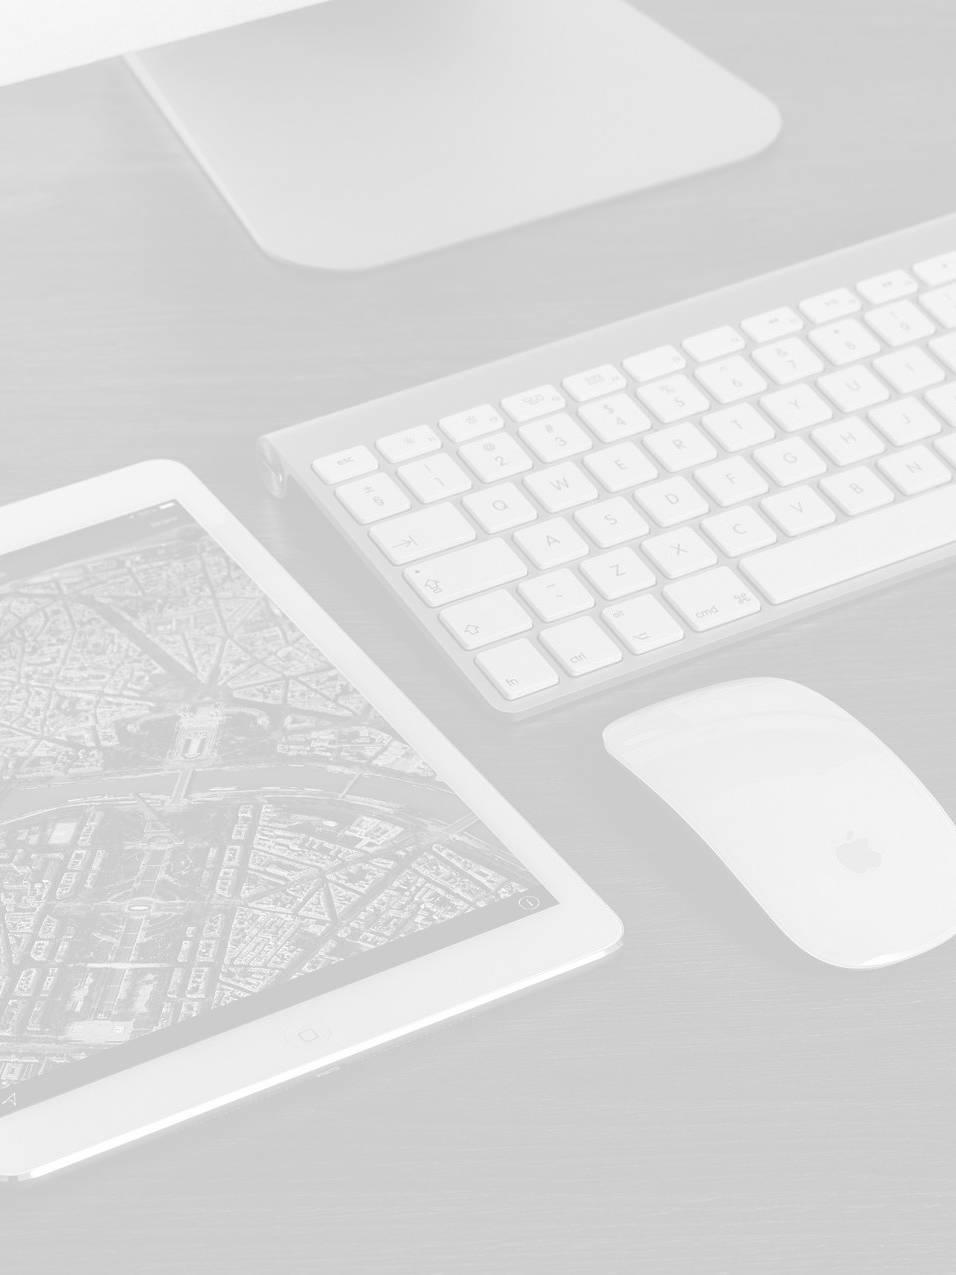 tips on website design for beginners